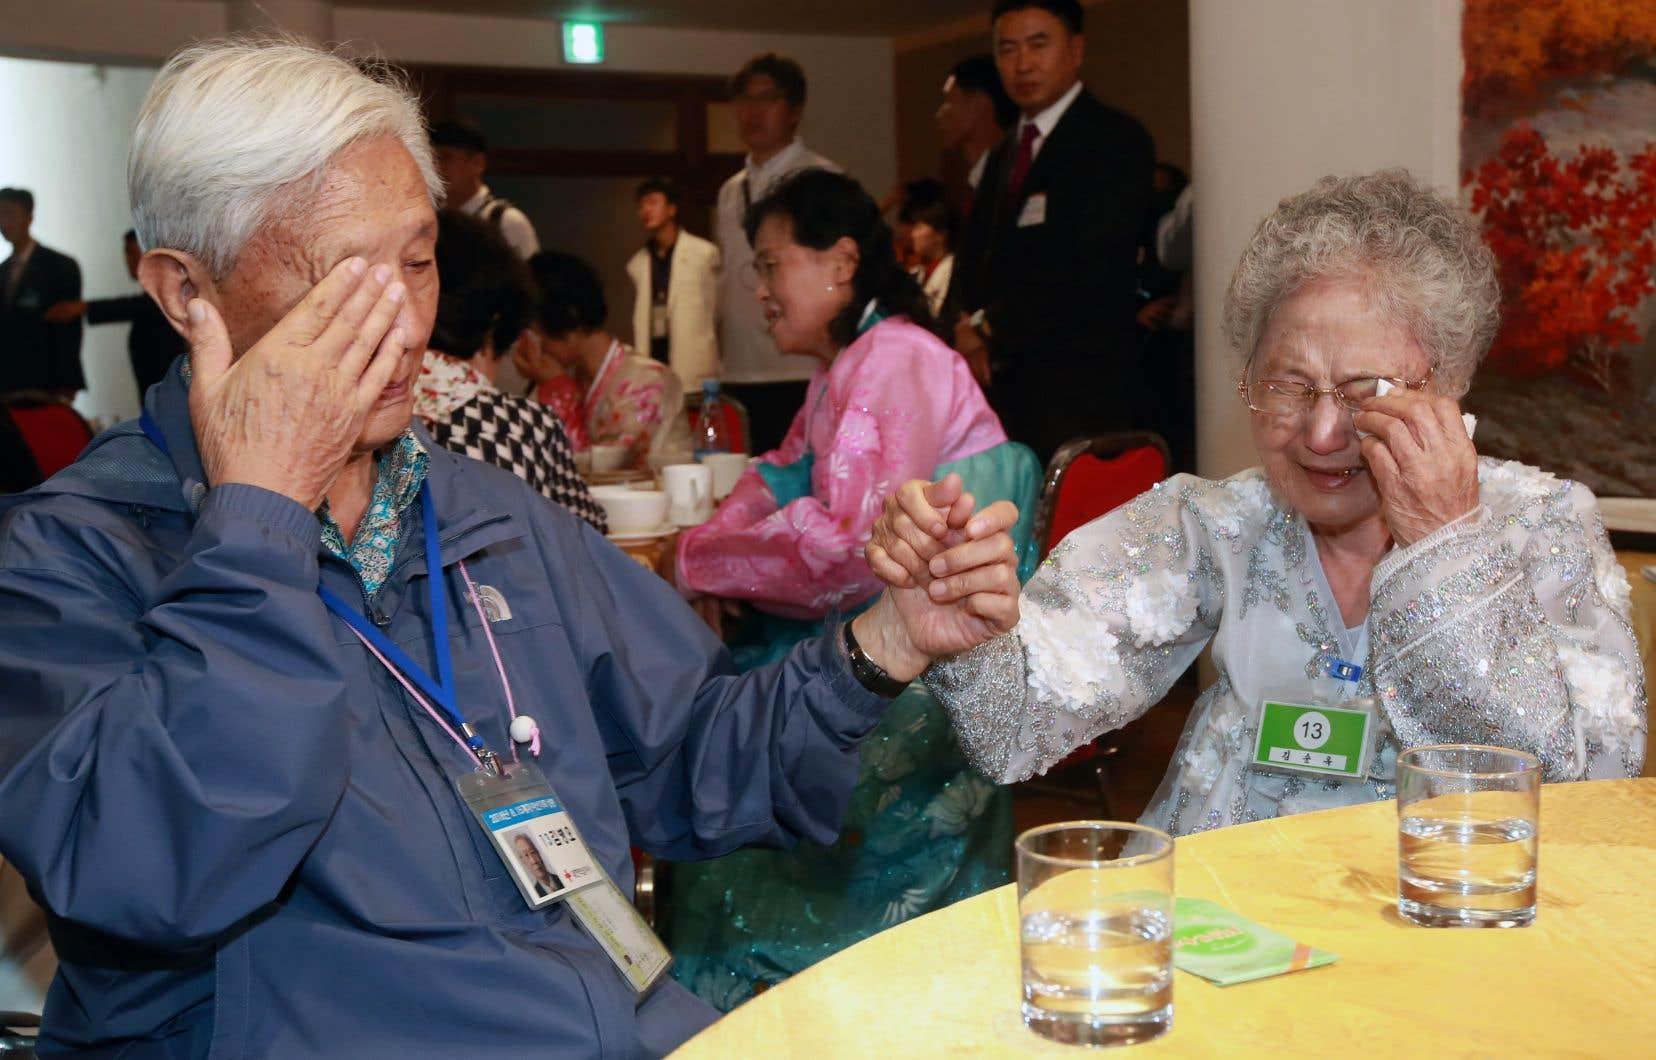 Le Sud-Coréen Kim Byung-oh, 88ans, pleure avec sa sœur, la Nord-Coréenne Kim Sun-ok, 81ans, lors de leur dernière rencontre, avant d'être séparés à nouveau par la frontière étanche entre les deux pays.